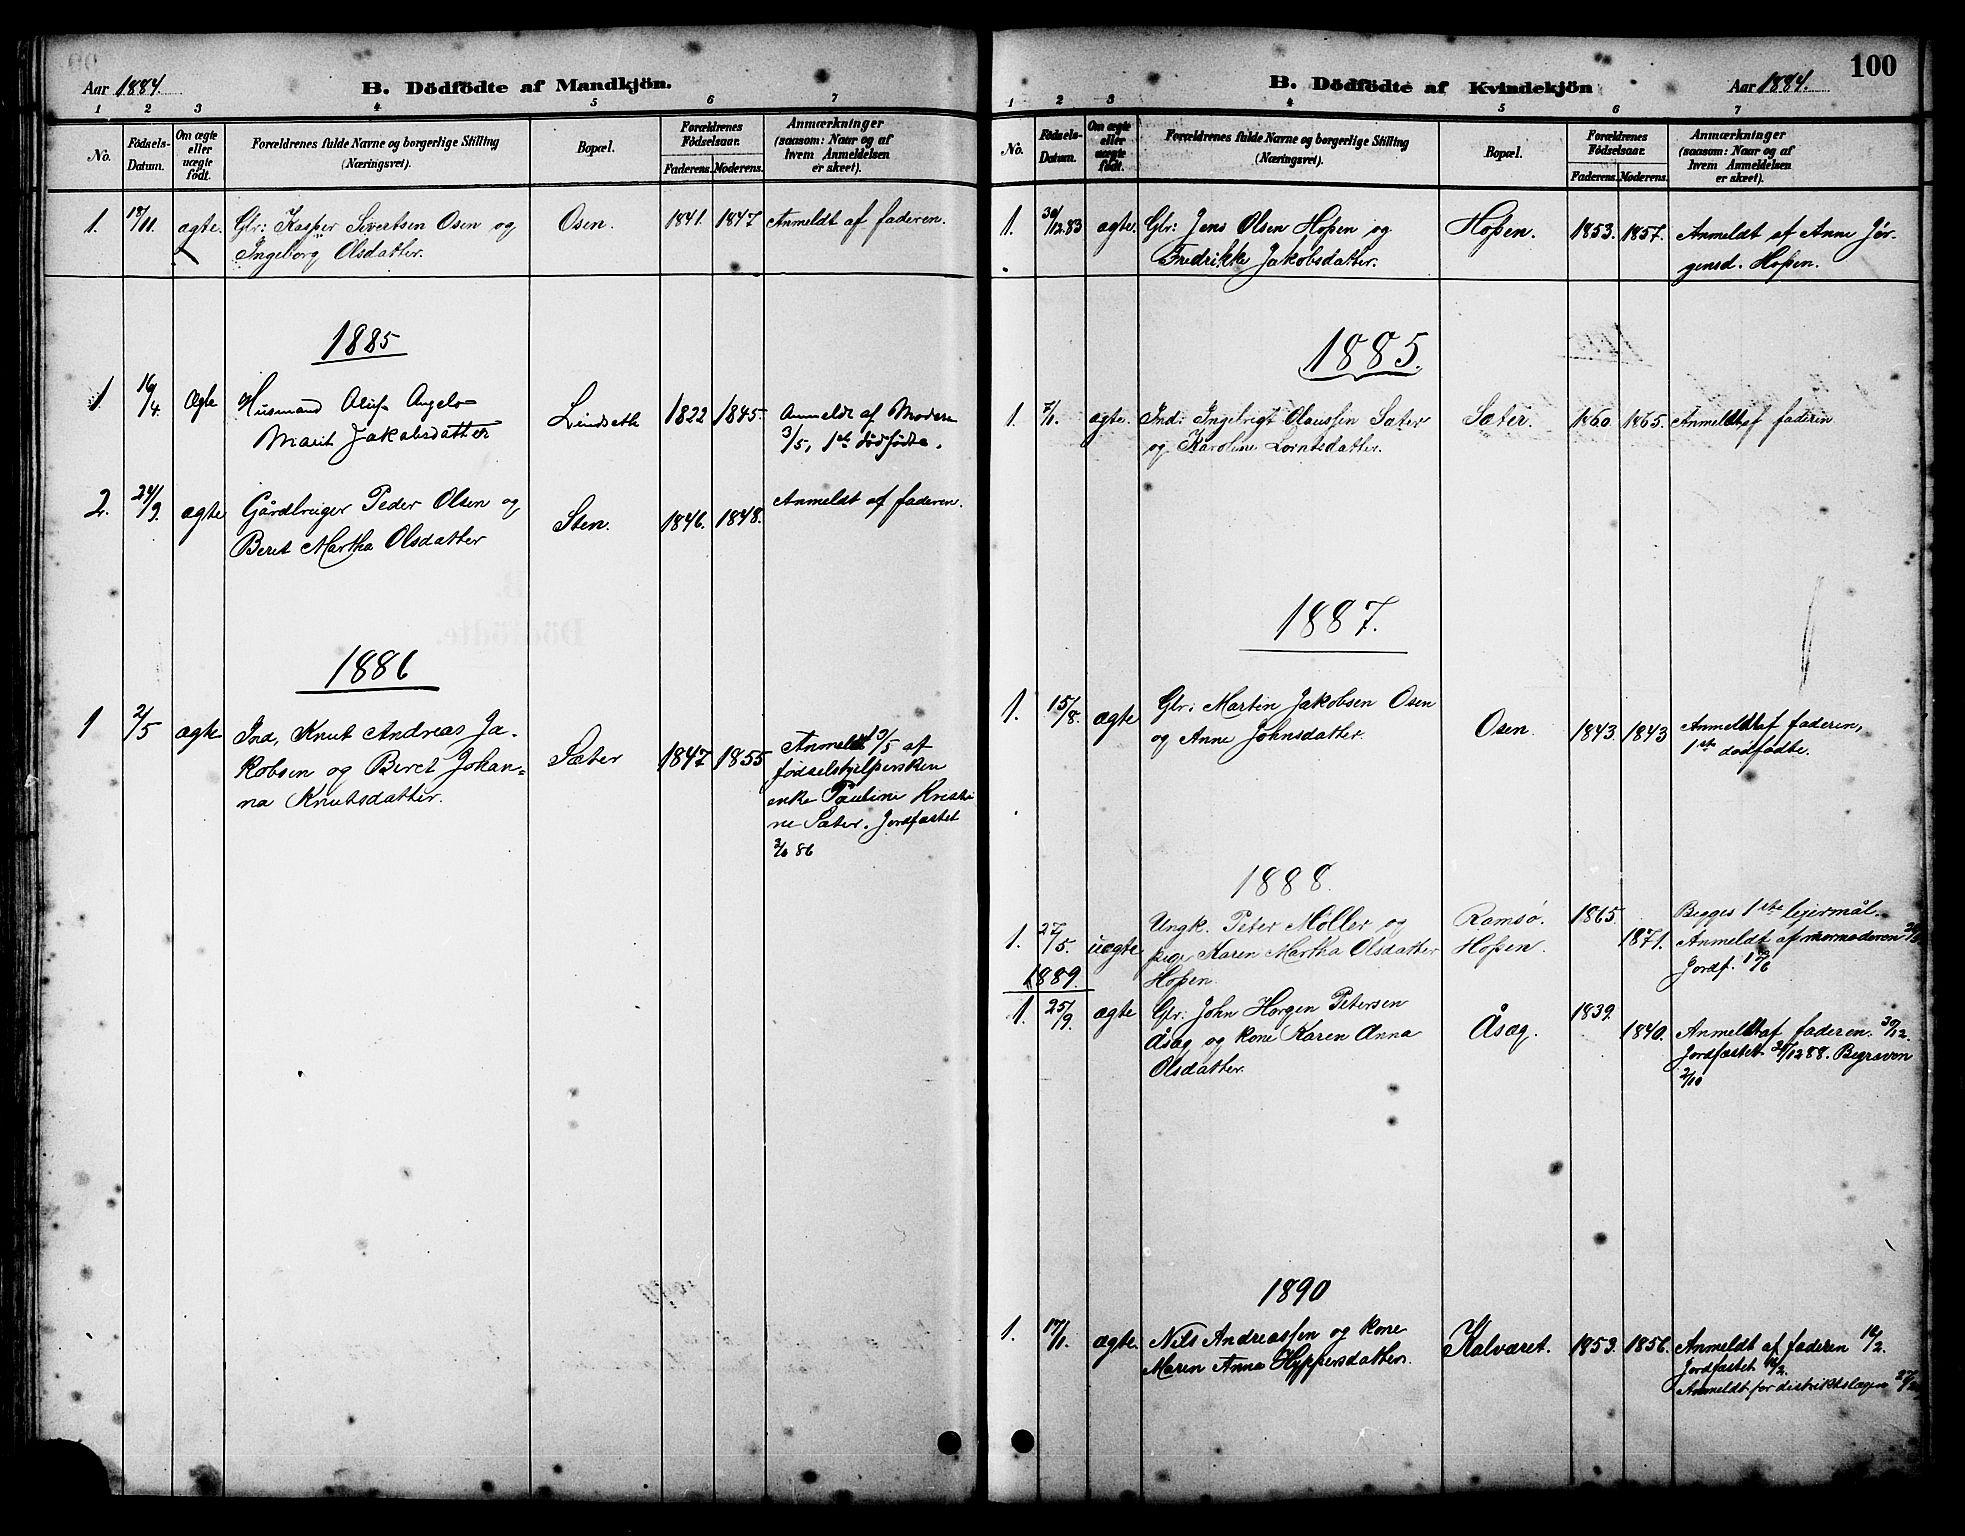 SAT, Ministerialprotokoller, klokkerbøker og fødselsregistre - Sør-Trøndelag, 658/L0726: Klokkerbok nr. 658C02, 1883-1908, s. 100